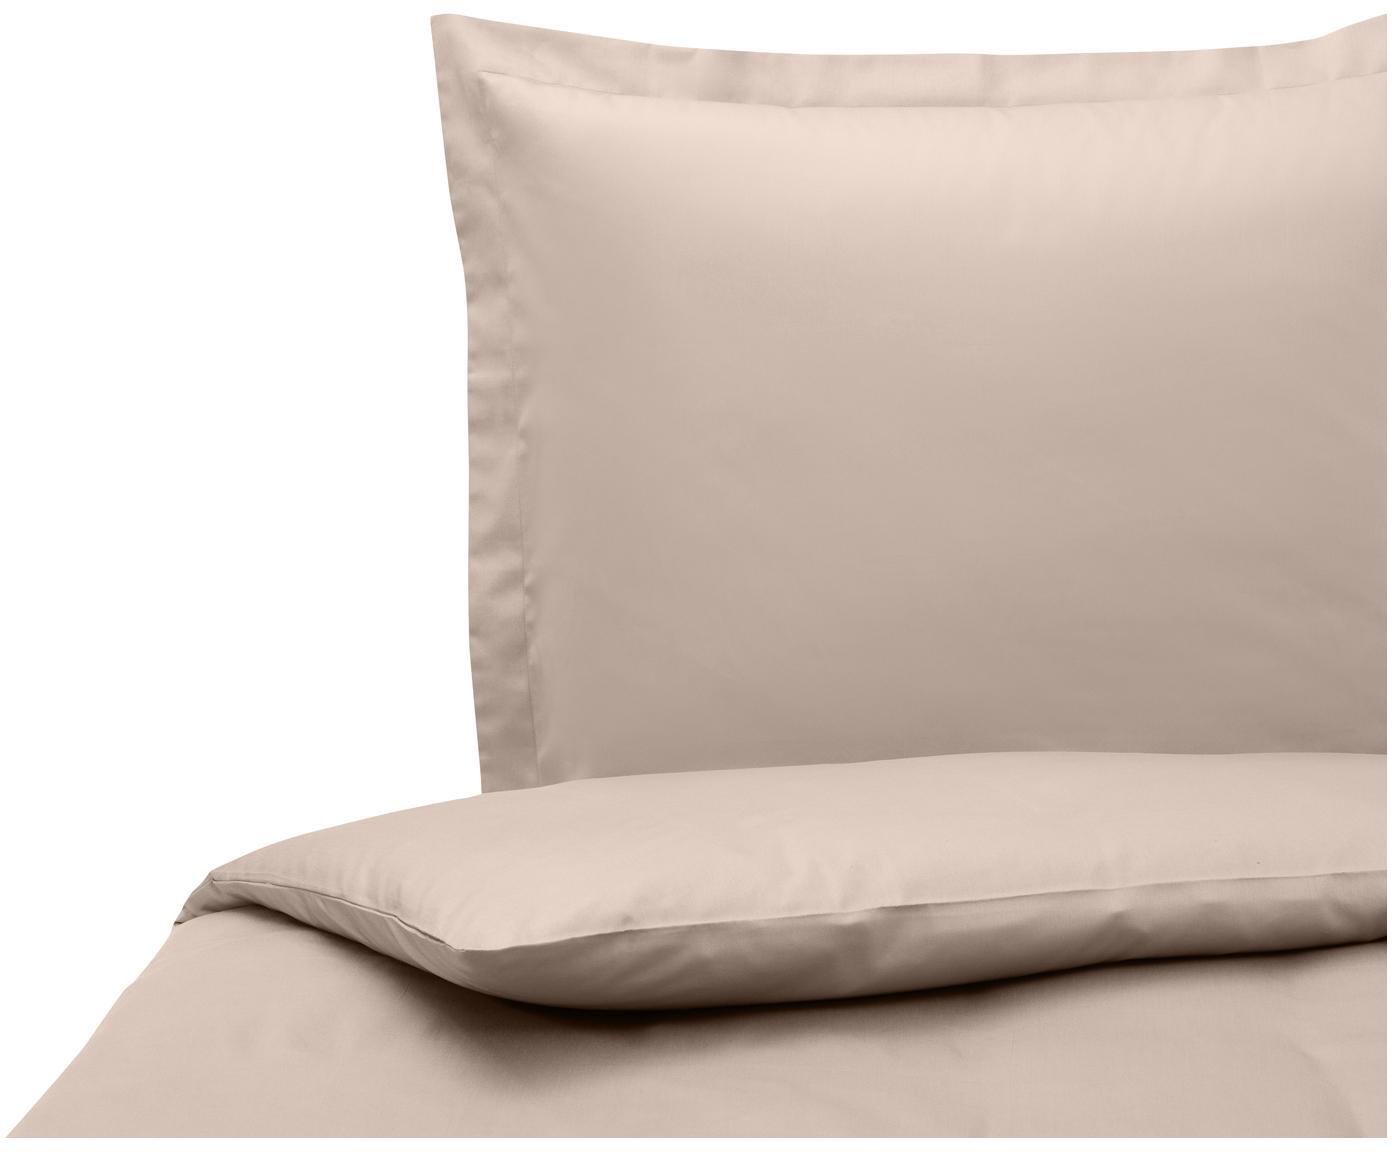 Katoensatijnen dekbedovertrek Premium, Weeftechniek: satijn, licht glanzend, Taupe, 140 x 200 cm